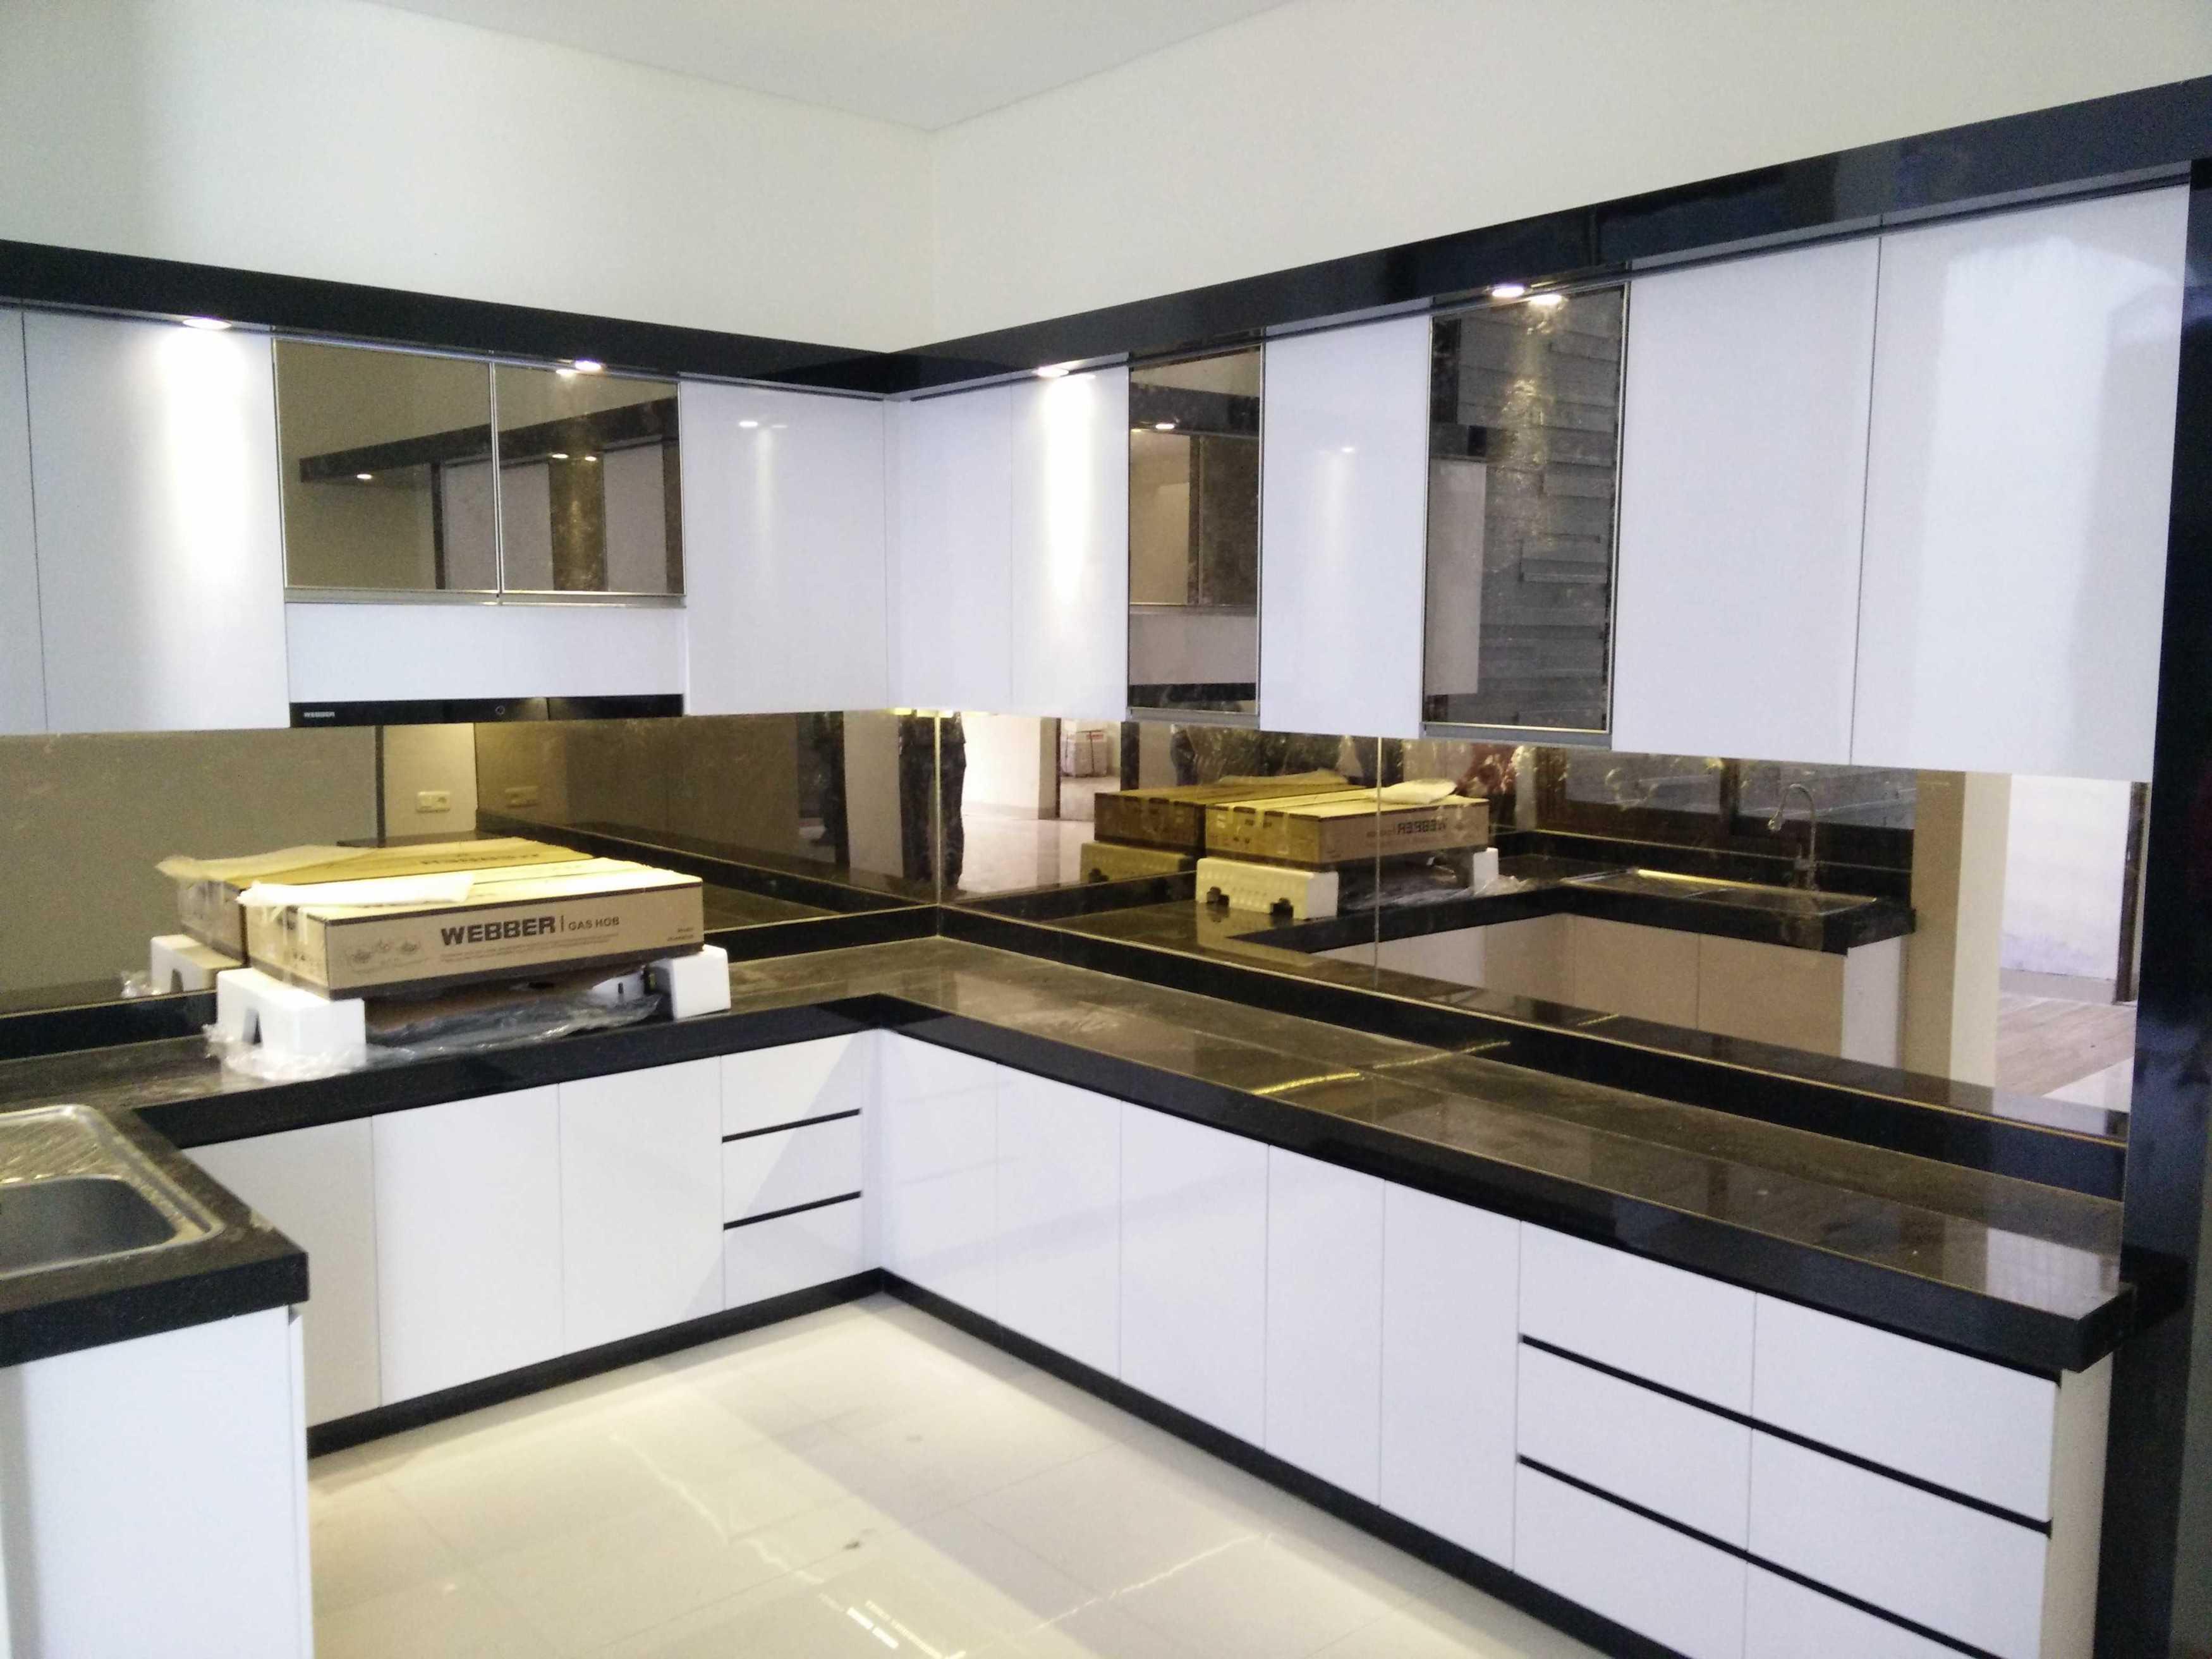 Sabio Design White Kitchen - Taman Kopo Indah Unnamed Road, Margahayu Sel., Kec. Margahayu, Bandung, Jawa Barat 40226, Indonesia Unnamed Road, Margahayu Sel., Kec. Margahayu, Bandung, Jawa Barat 40226, Indonesia Sabio-Design-White-Kitchen-Taman-Kopo-Indah   116099